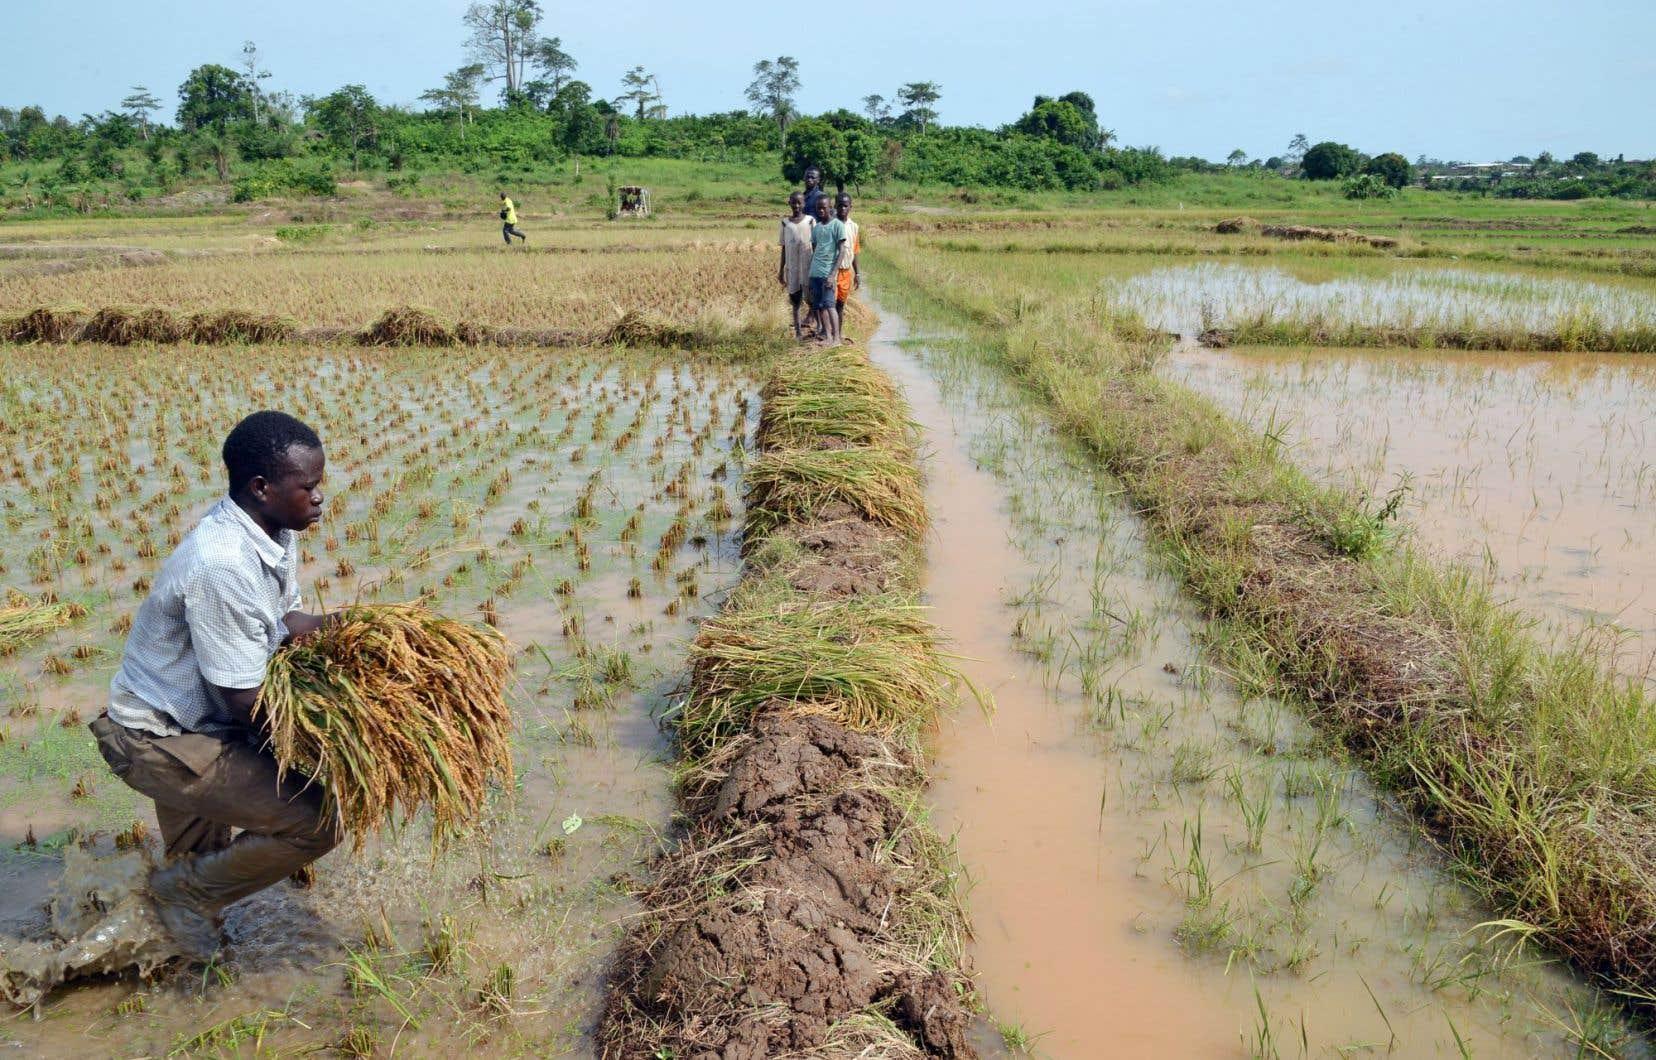 «Si, dans les pays industrialisés, l'agriculture représente environ 2% du PIB, ce chiffre est plutôt de 5 à 10% pour les pays émergents et grimpe jusqu'entre 25 et 45% pour les pays en développement. De plus, dans les pays en développement, entre 40 et 60% de la main-d'œuvre nationale se trouve dans le secteur agricole», assure André Beaudoin, de UPA Développement international (UPADI).